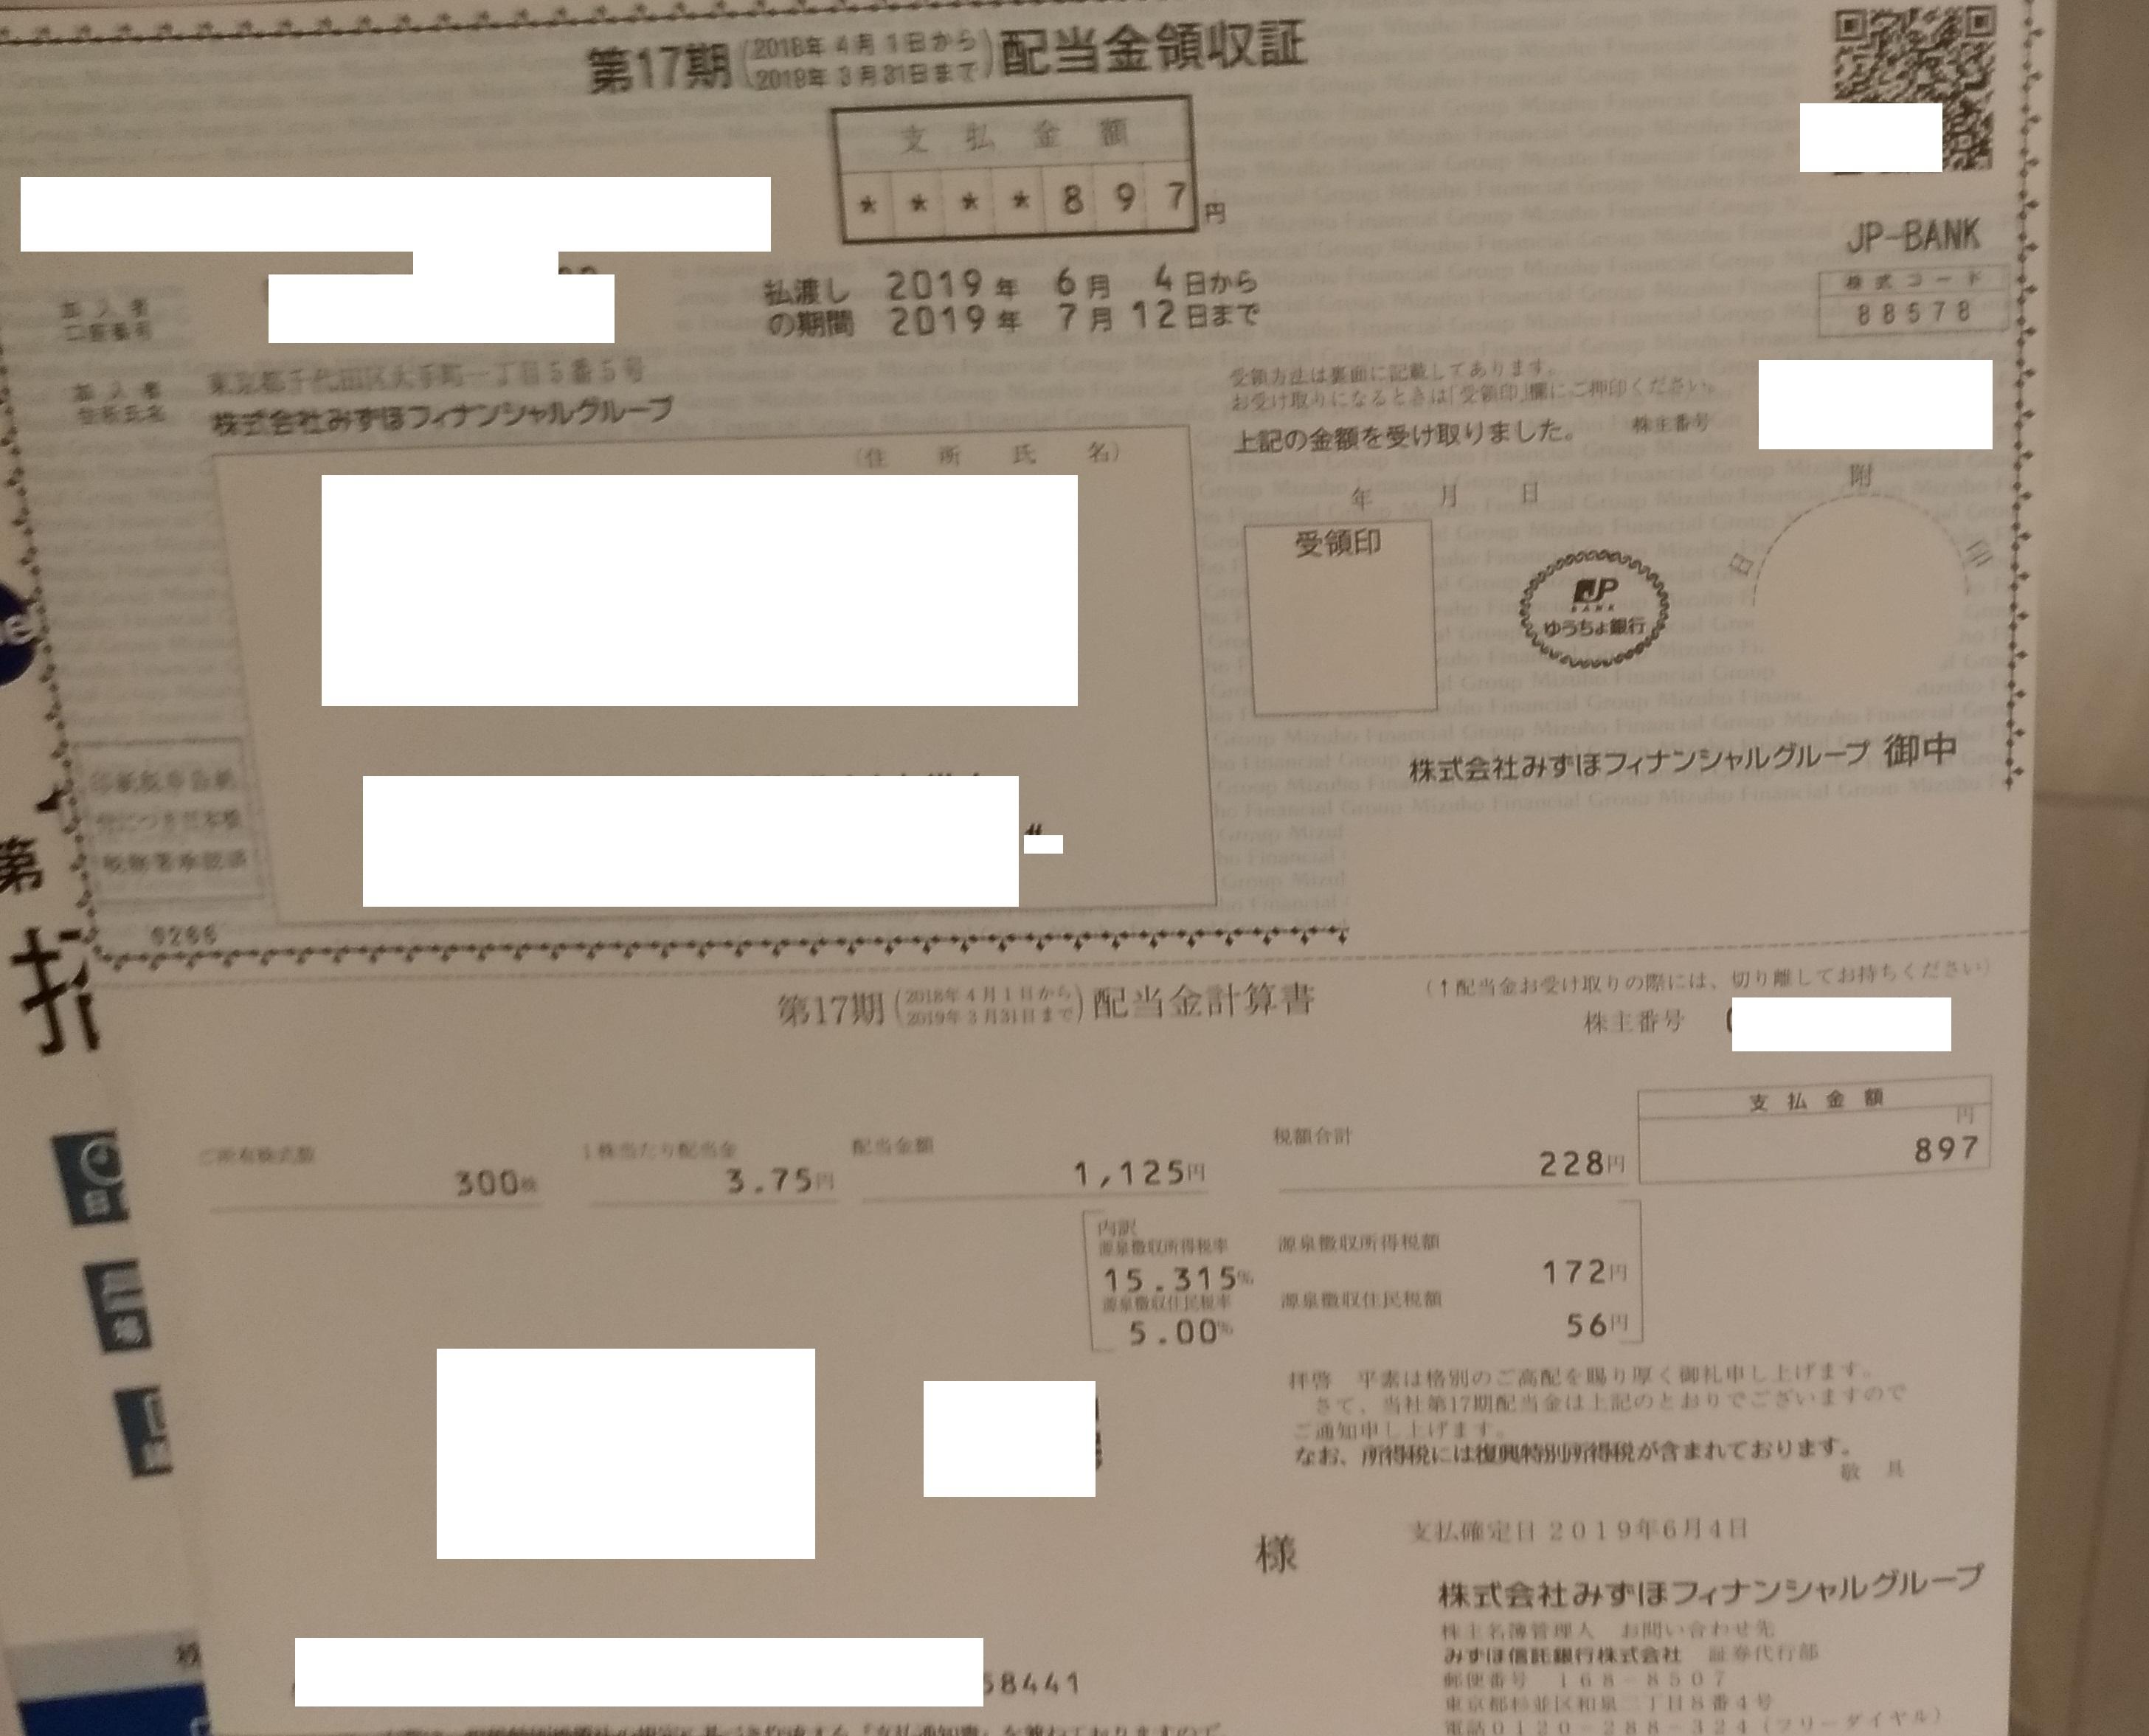 kabu_mizuho_haito201906_2.jpg